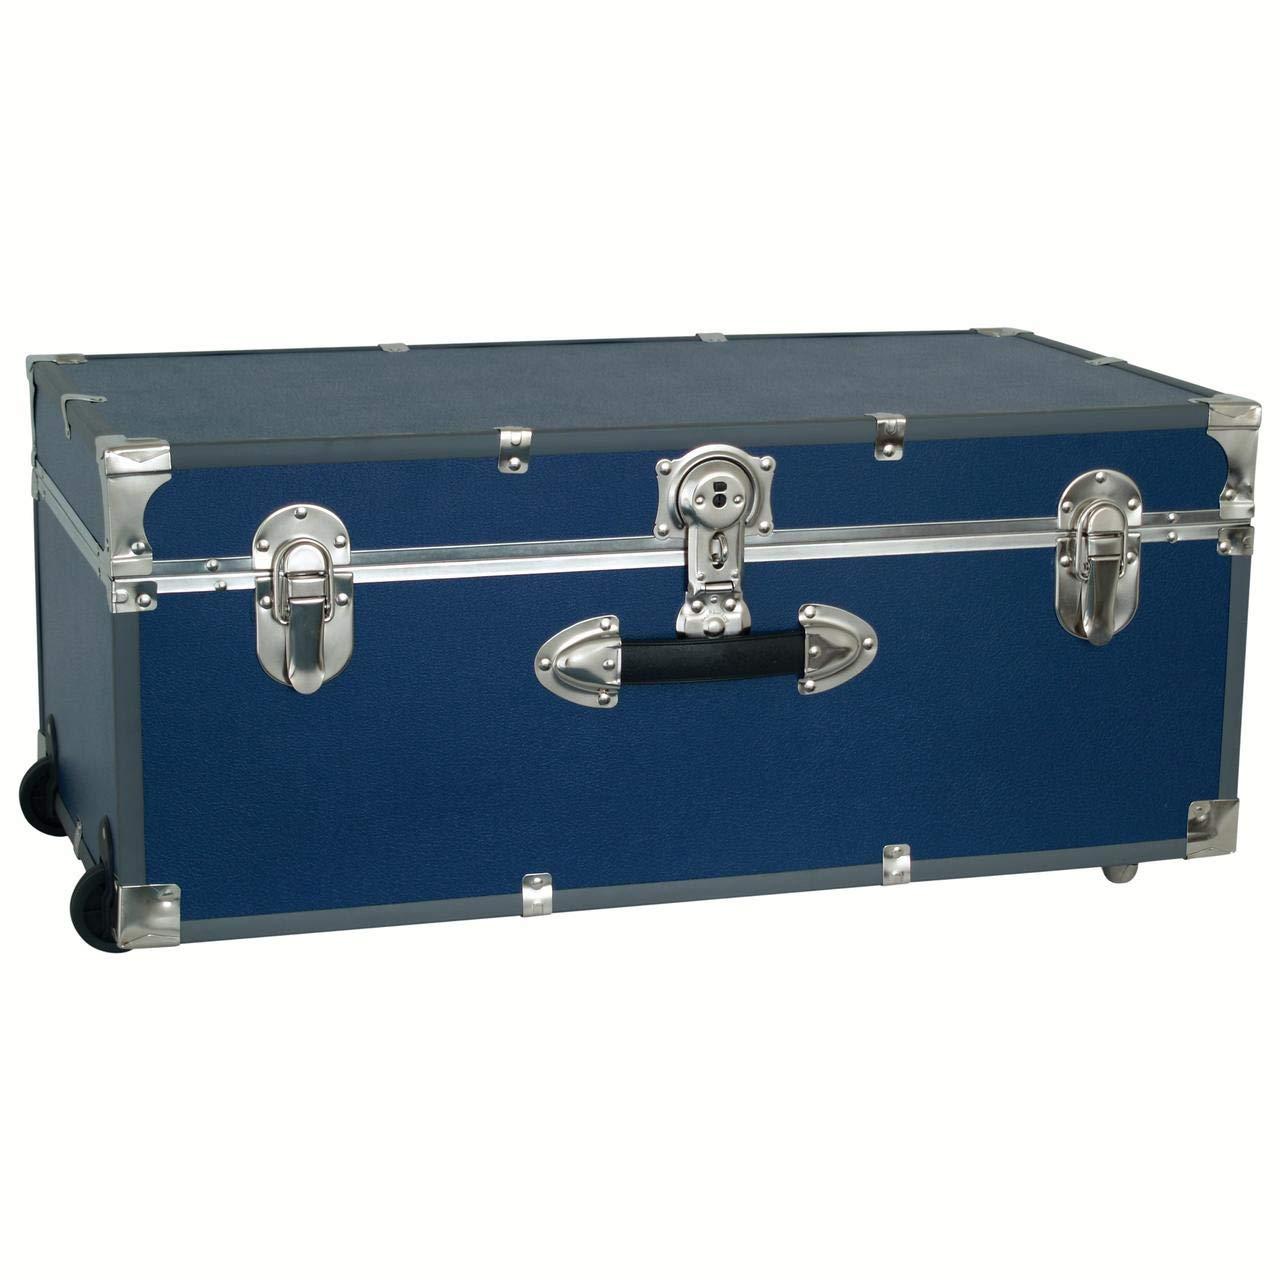 30'' Footlocker Trunk with Wheels (Navy Blue) by Seward Trunk